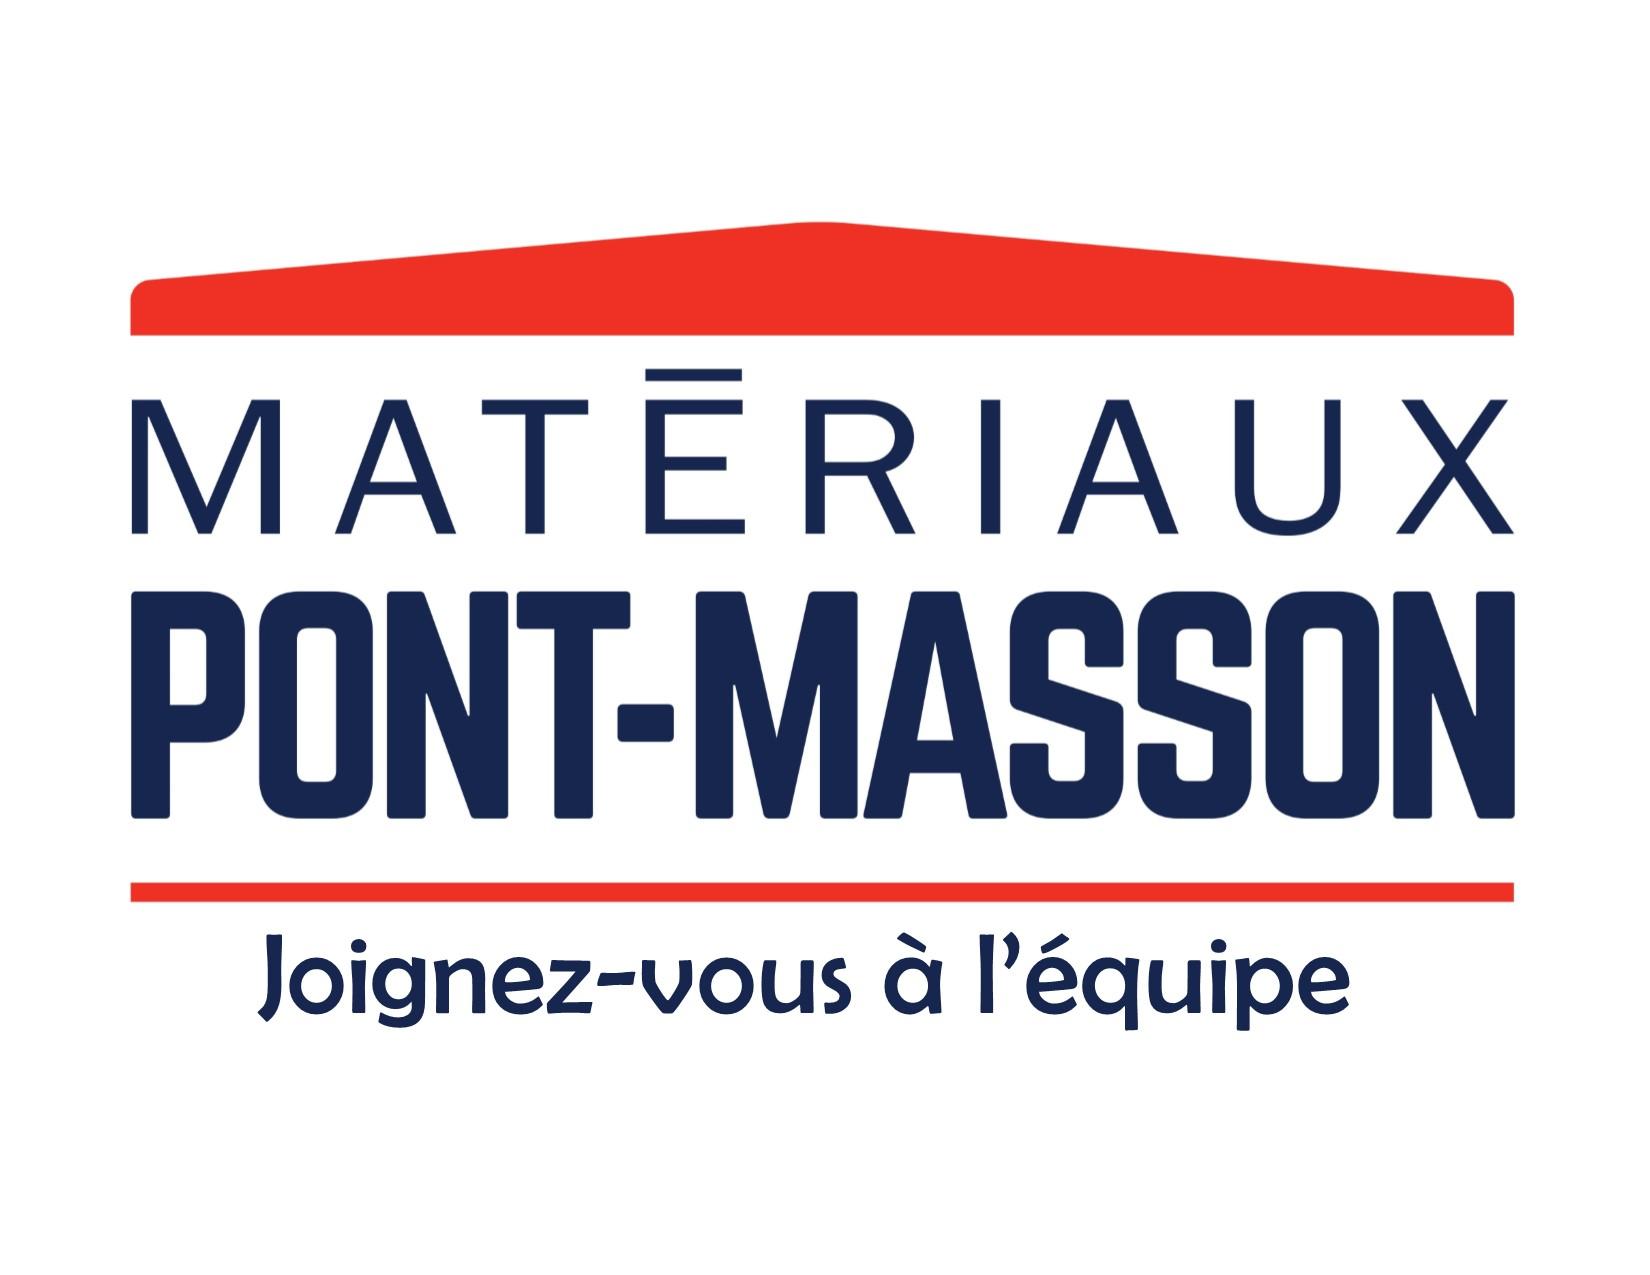 Matériaux Pont-Masson